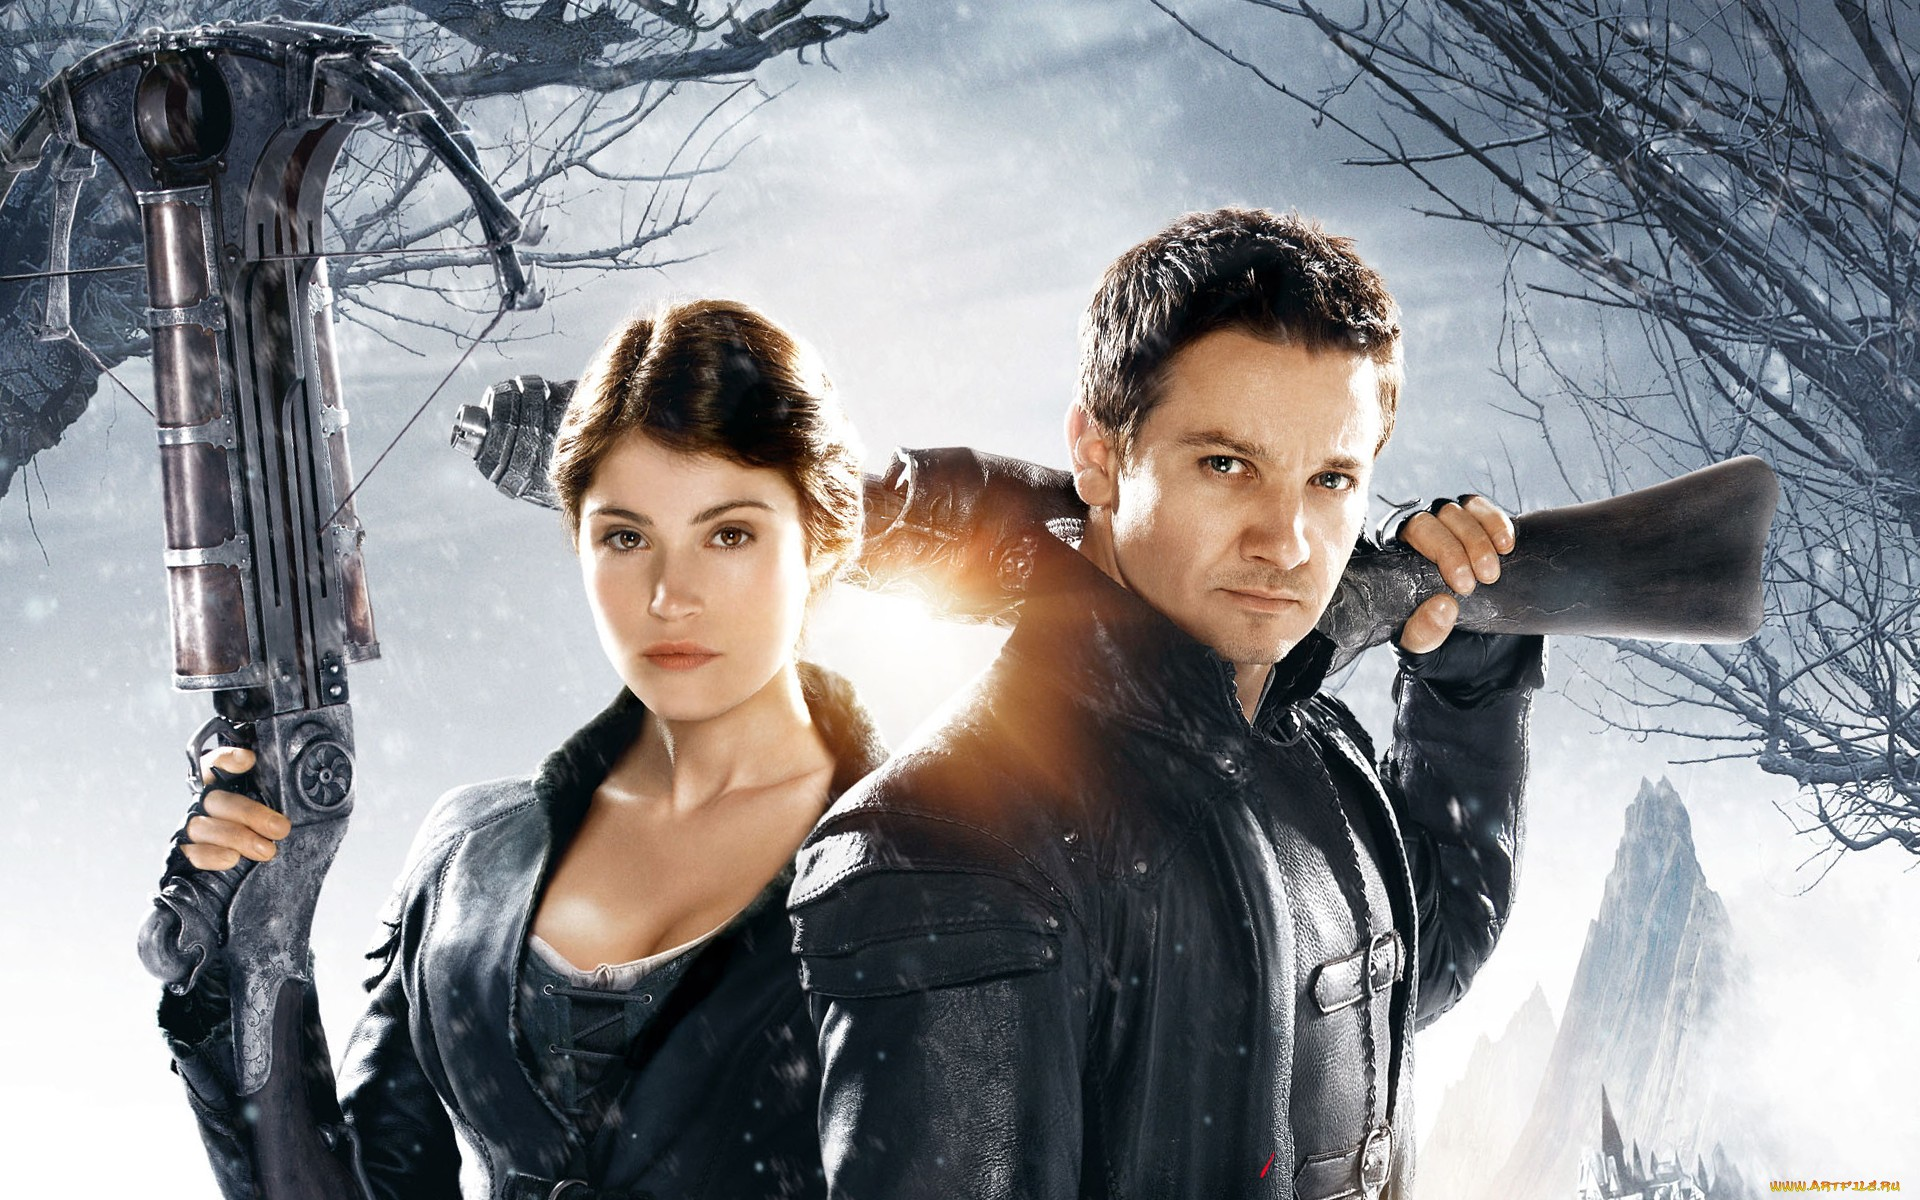 João e Maria: Caçadores de Bruxas (2013)